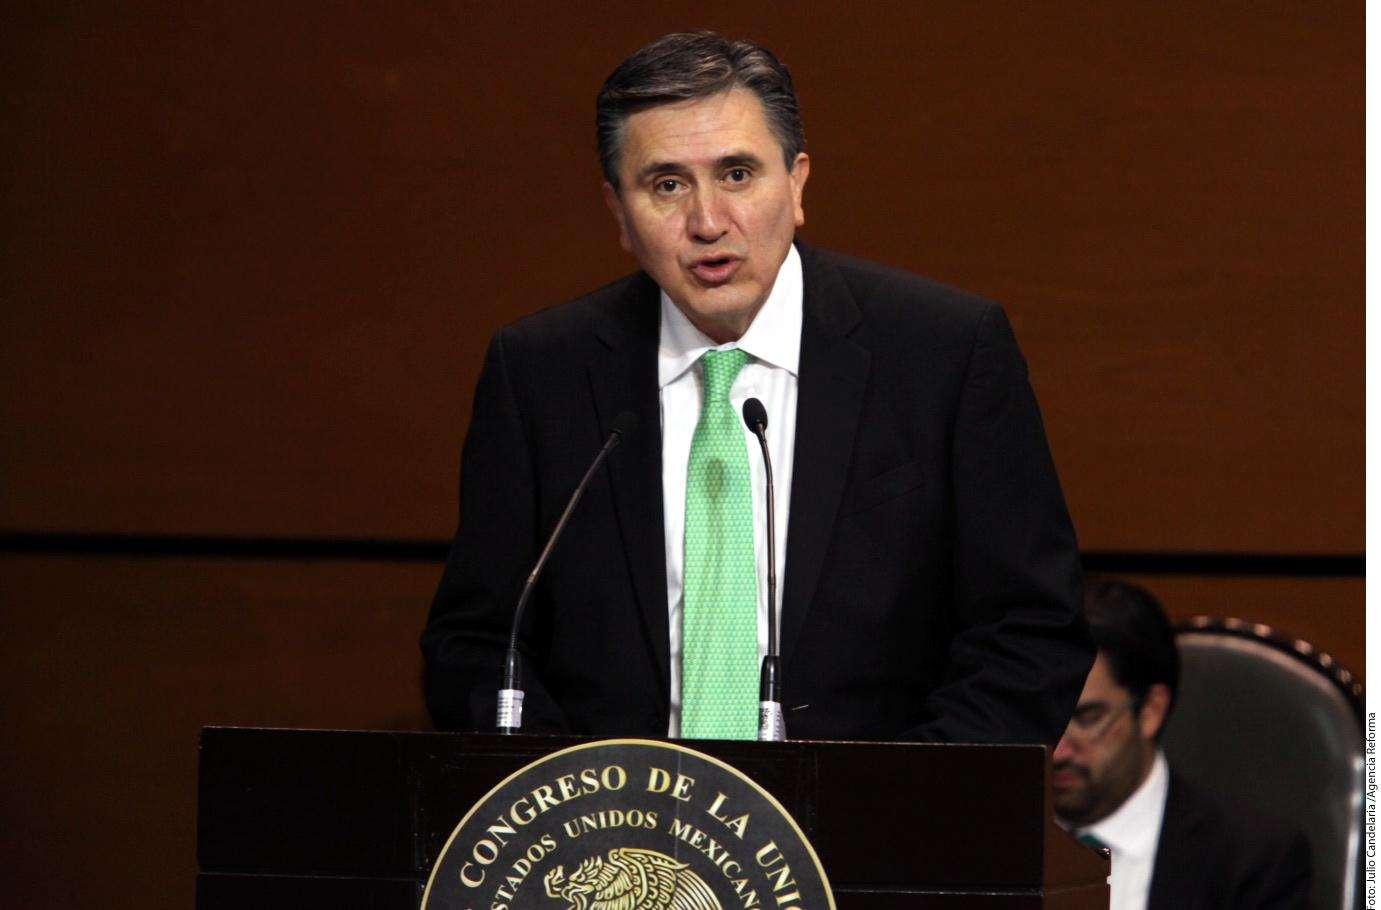 Para CNDH, caso Iguala sigue abierto Foto: Agencia Reforma